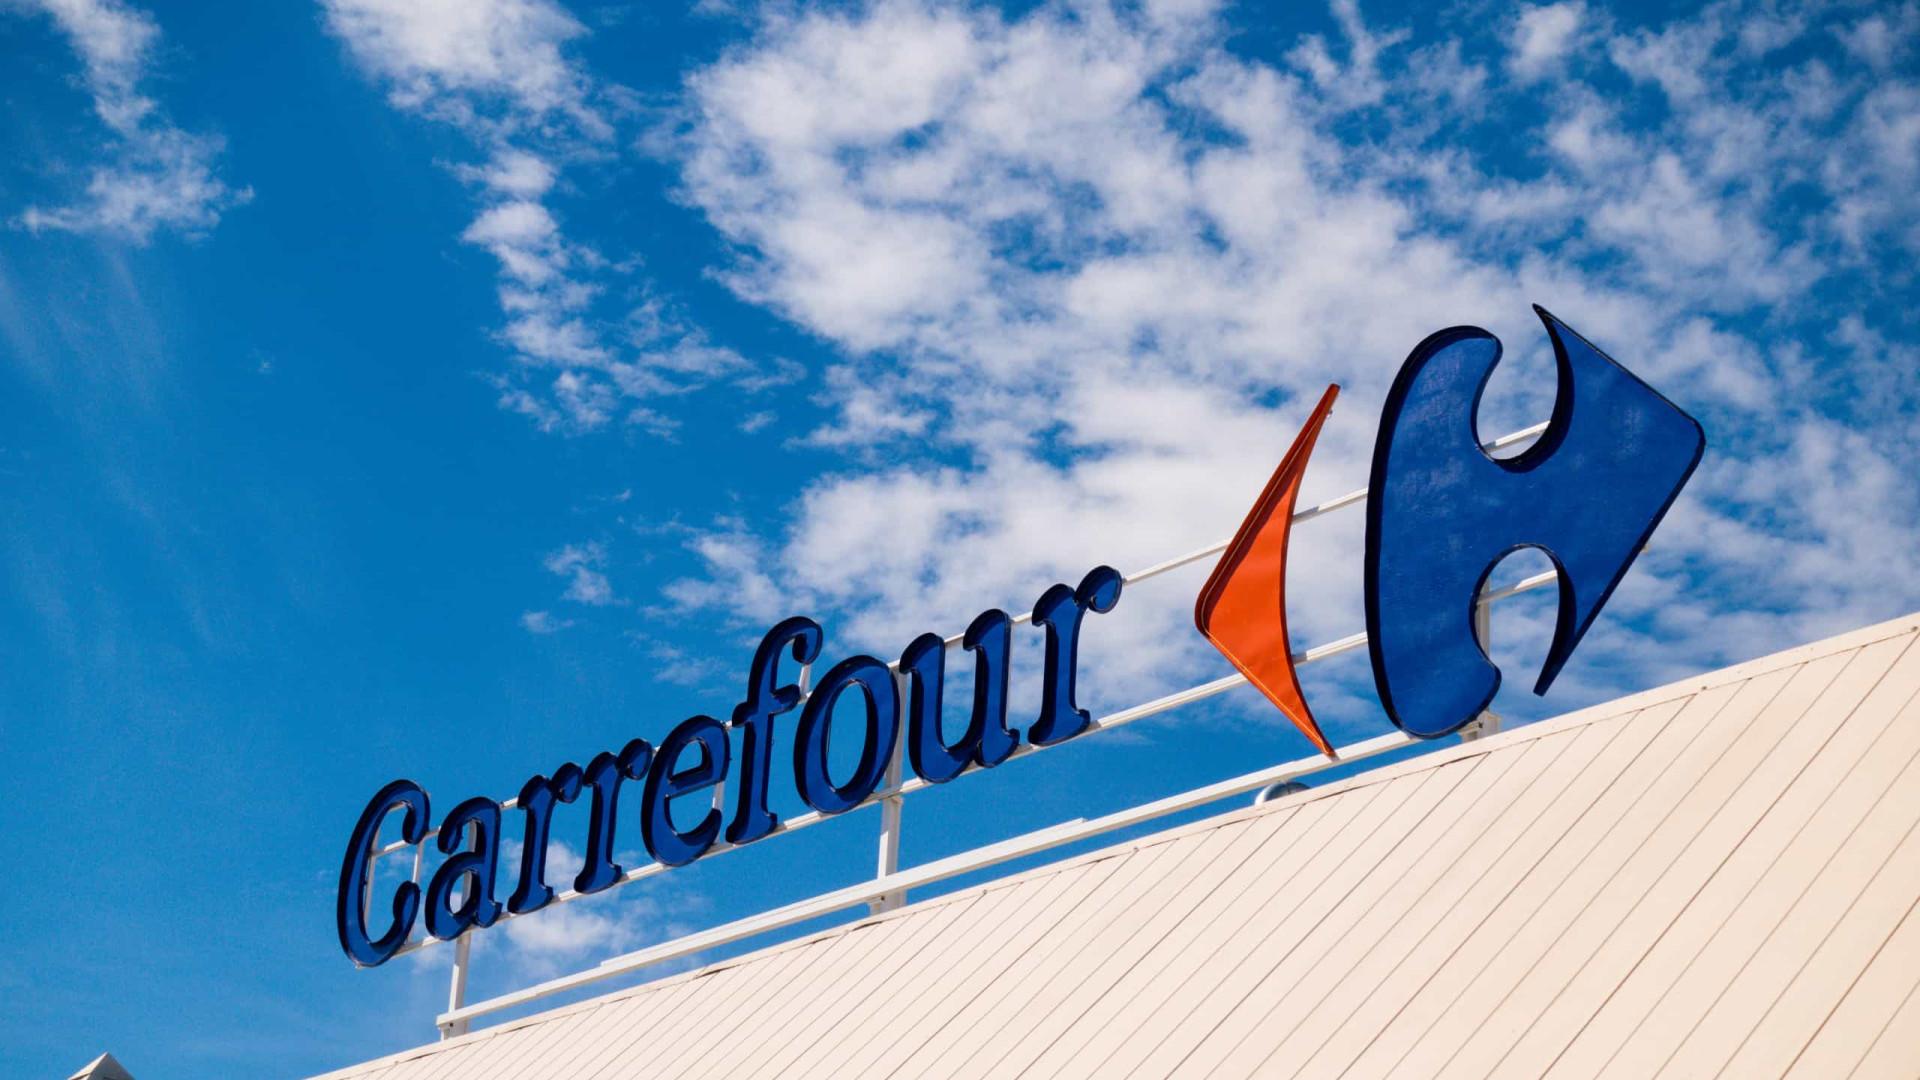 Proposta de fusão faz Carrefour recuperar perdas após morte de Beto Freitas